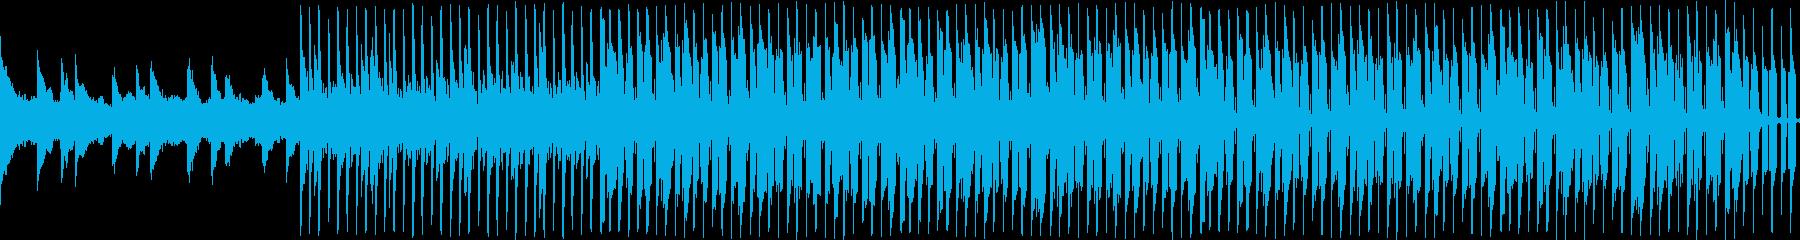 ピアノによる落ち着いたループ曲の再生済みの波形